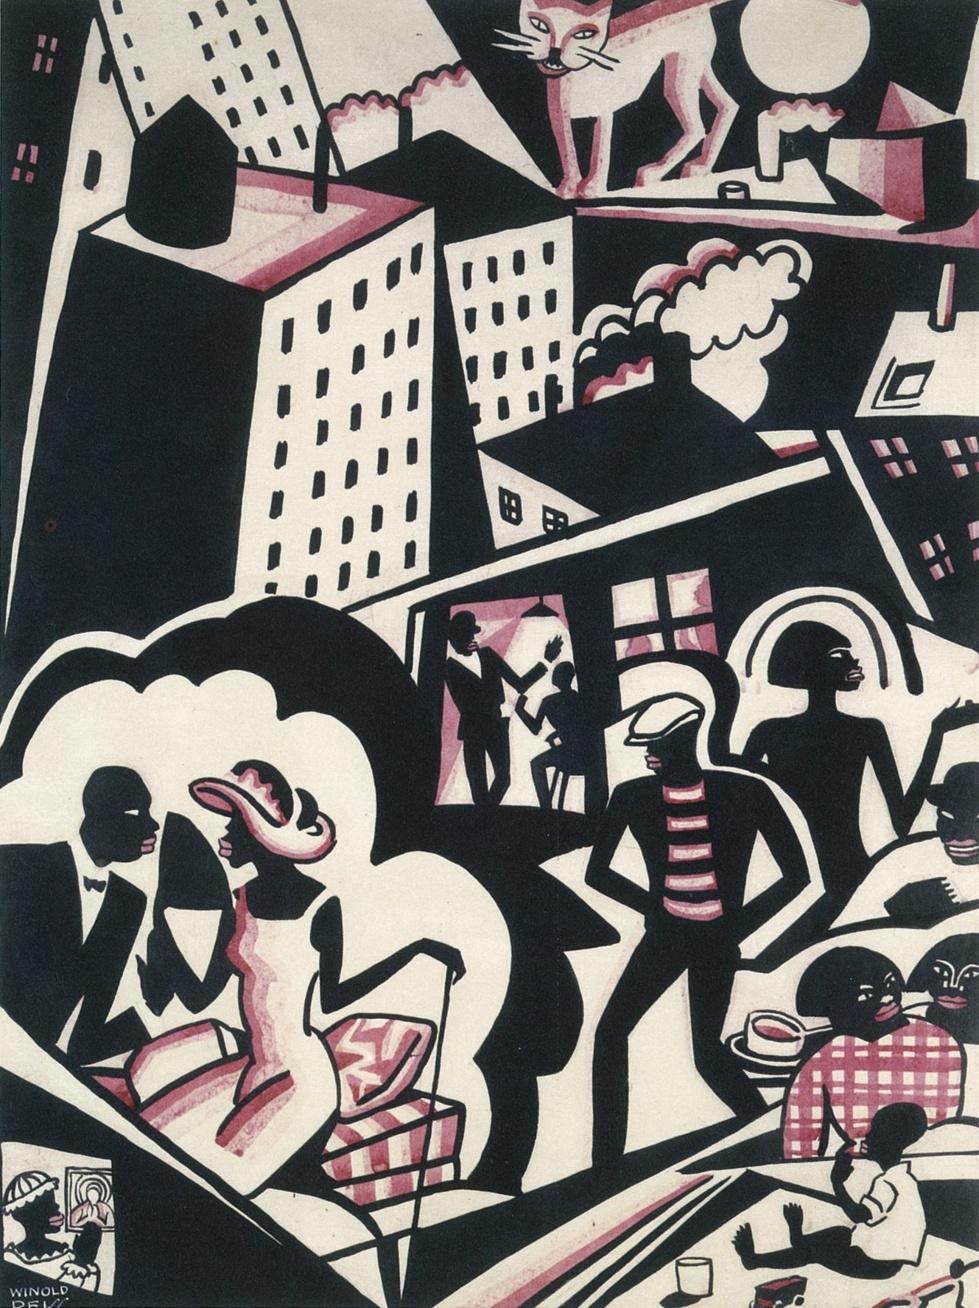 Winold Reiss Harlem Jungle